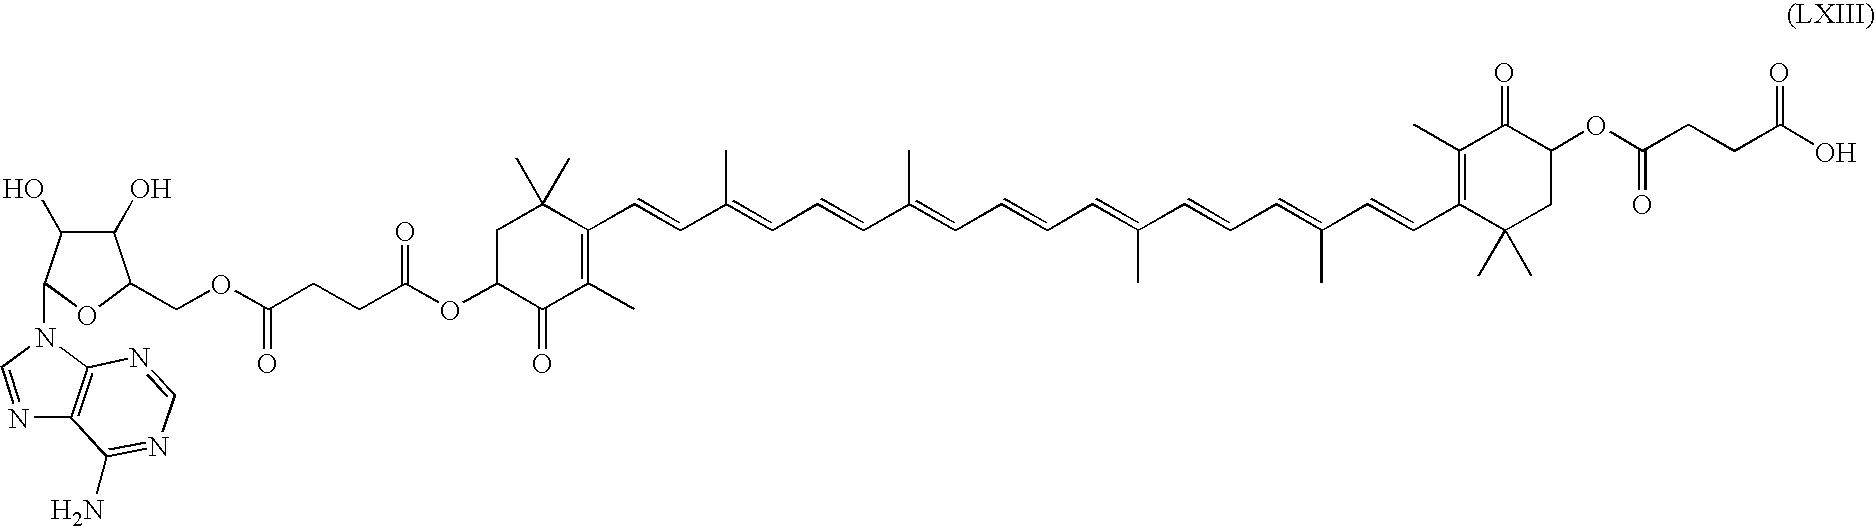 Figure US07345091-20080318-C00083